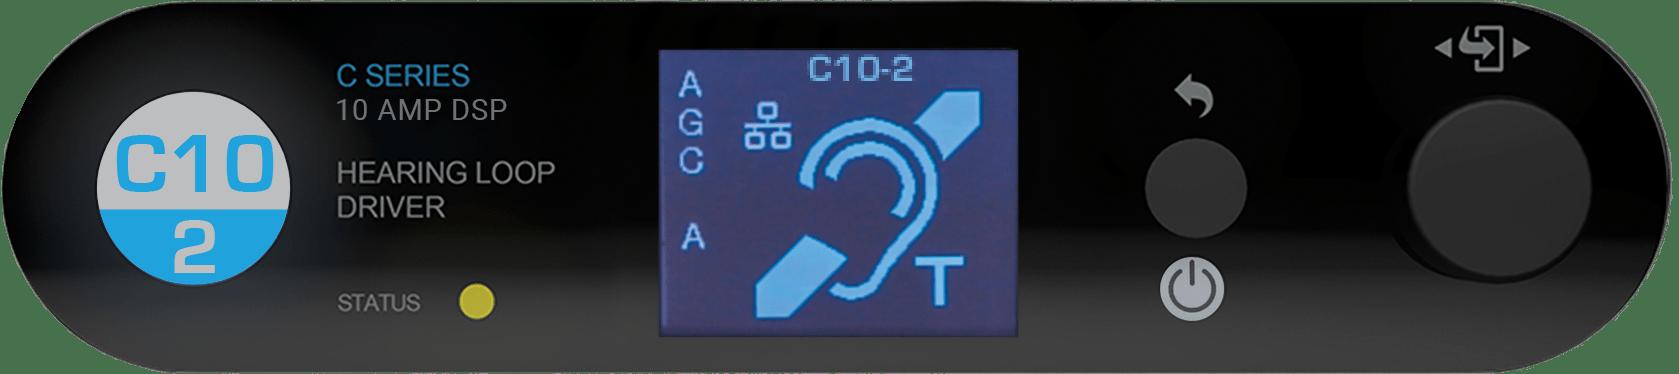 C10-2 MultiLoop hearing loop driver